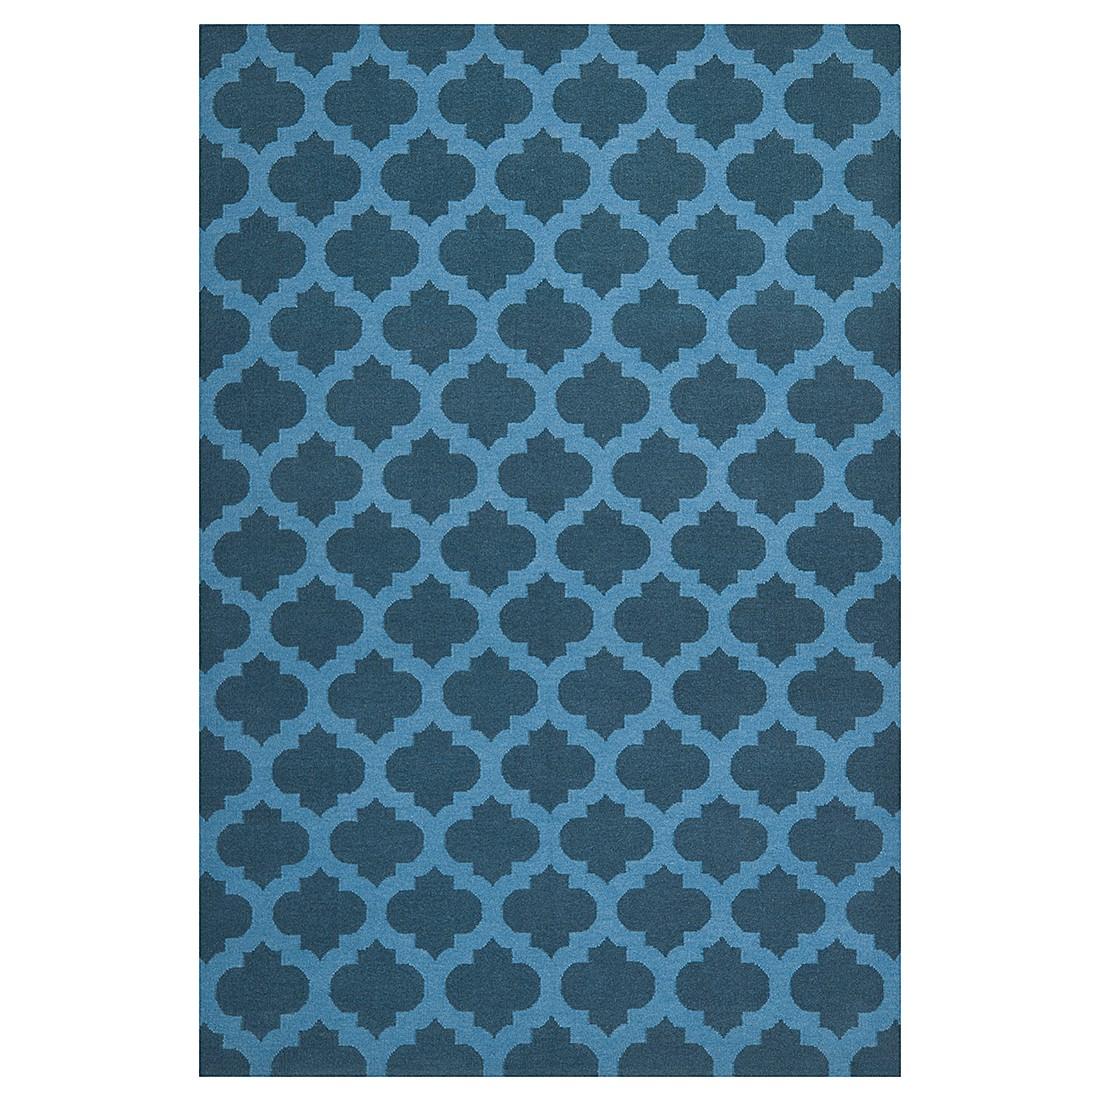 Teppich Salé – Blau – 183 x 275 cm, Safavieh günstig bestellen